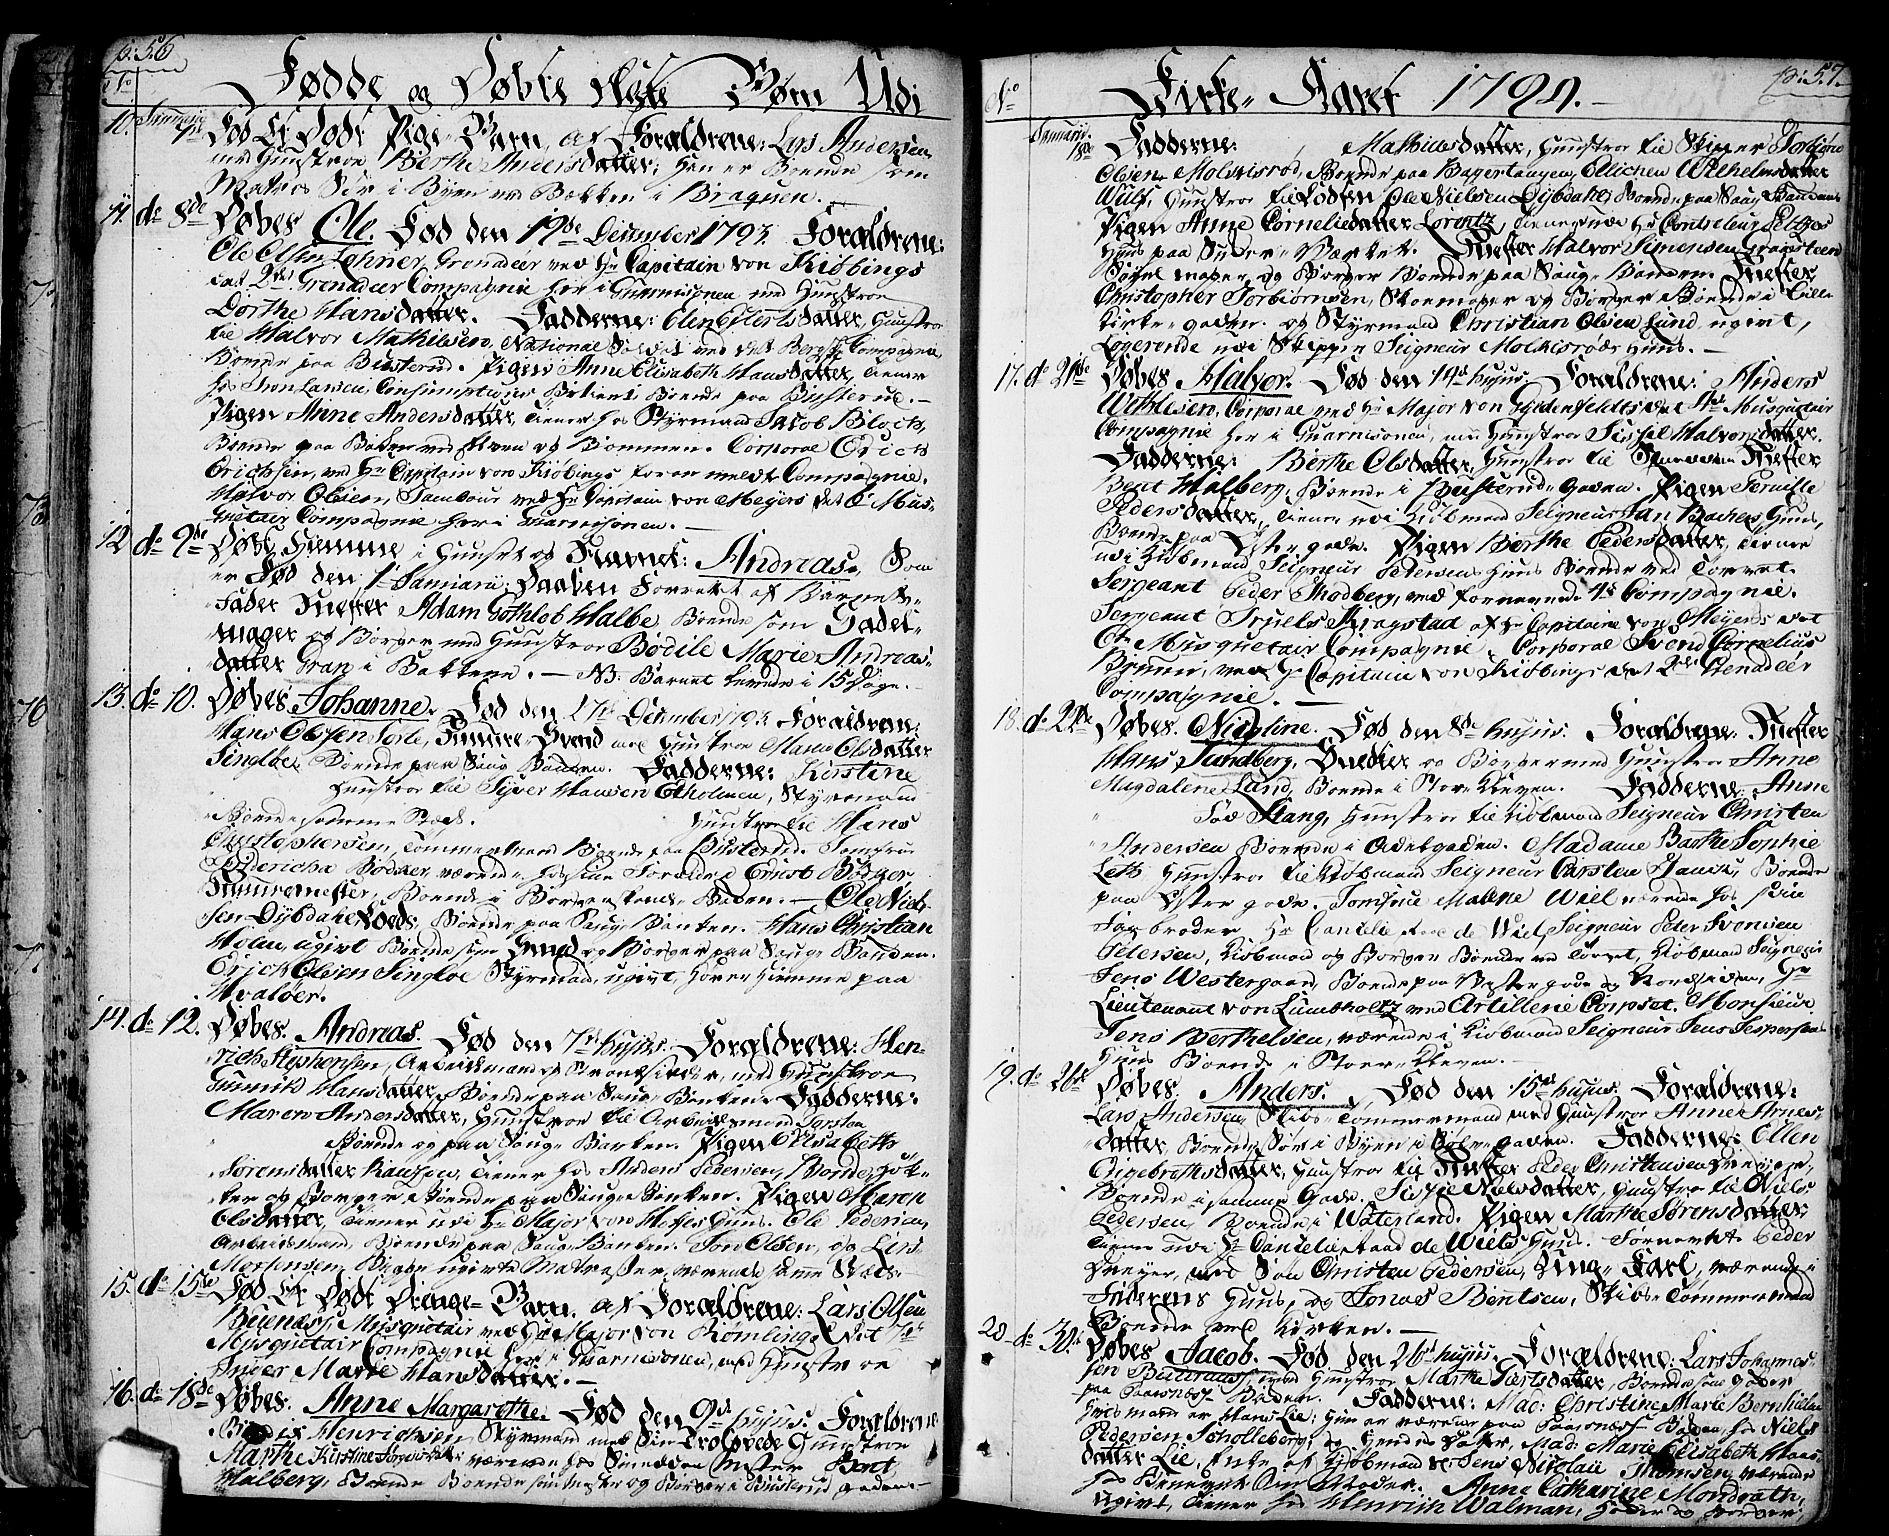 SAO, Halden prestekontor Kirkebøker, F/Fa/L0002: Ministerialbok nr. I 2, 1792-1812, s. 56-57